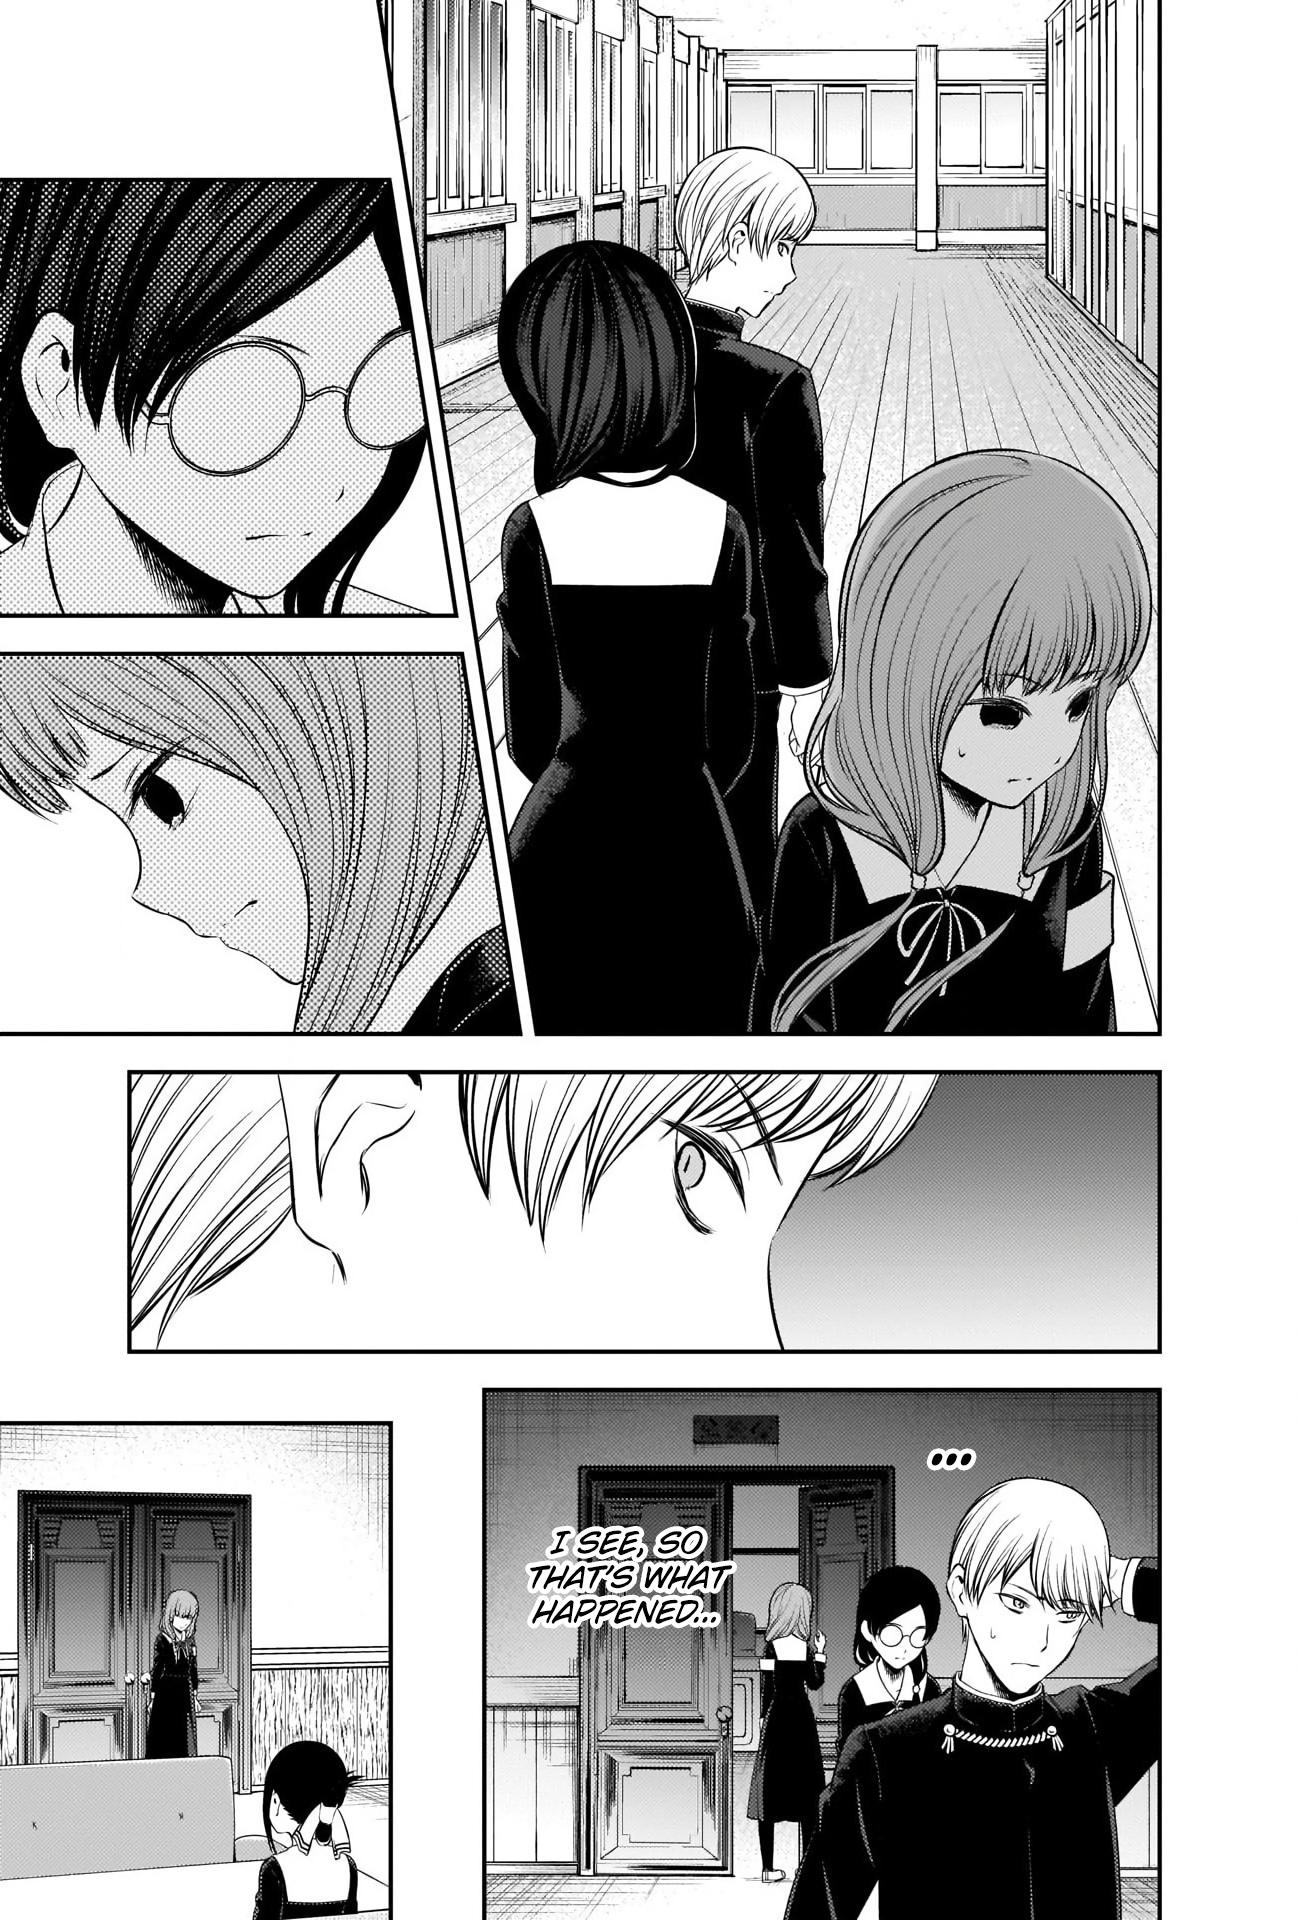 Kaguya-sama: Love Is War 233, image №11